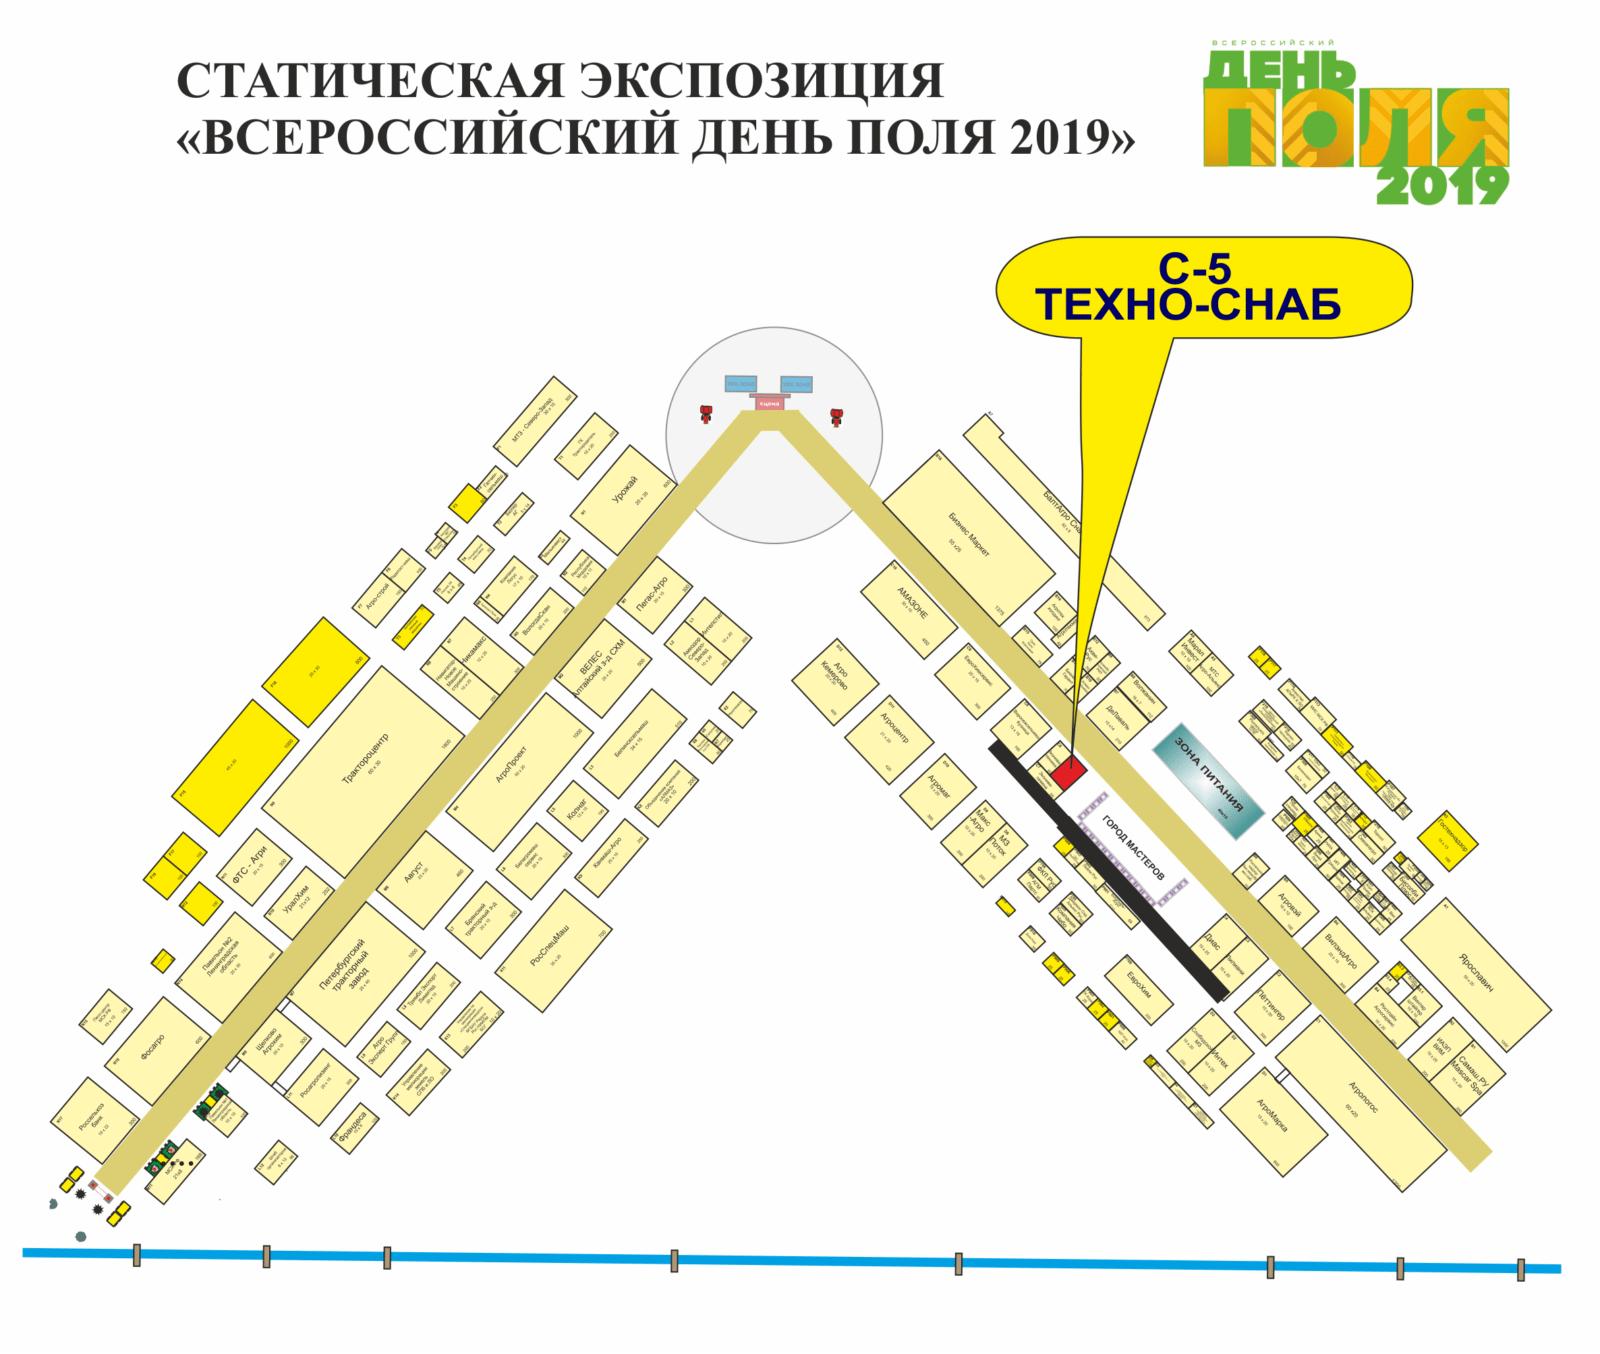 Статическая экспозиция-С-Петербург-10-12 июля